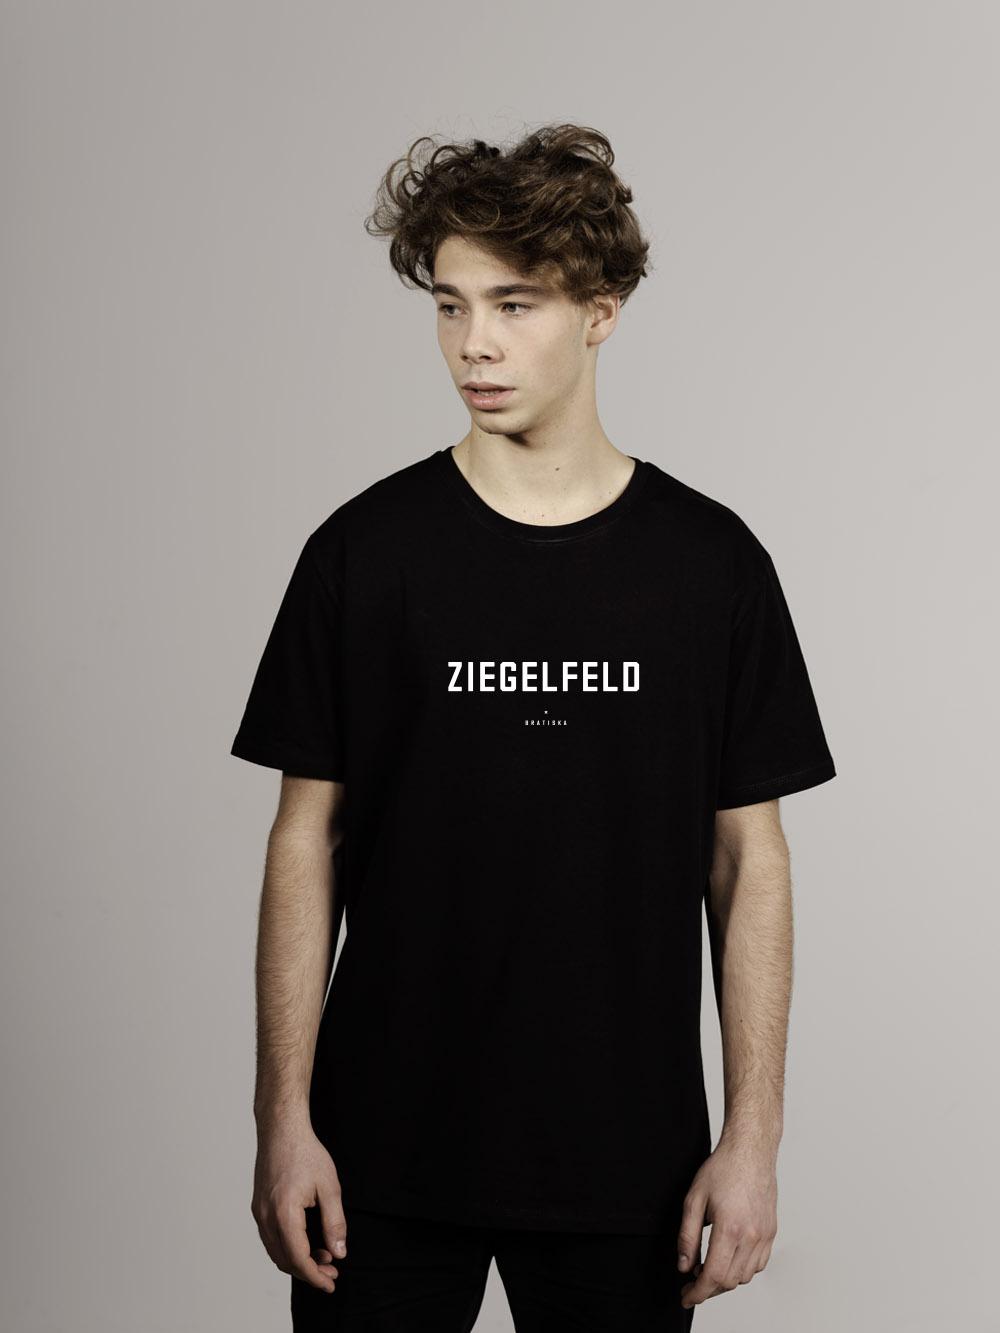 Ziegelfeld